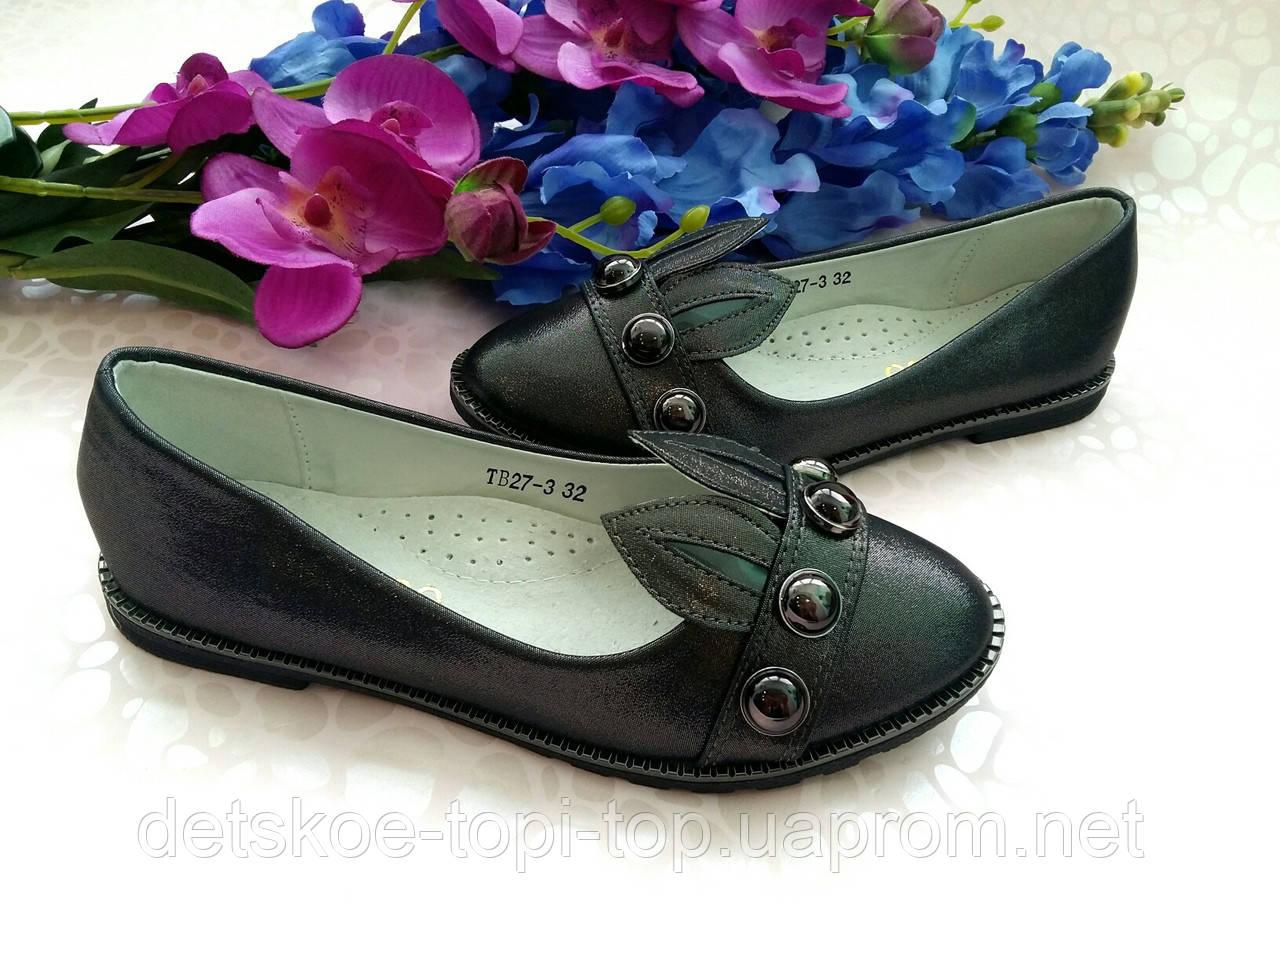 Очень красивые туфли для девочки, размер 31,34,35,36